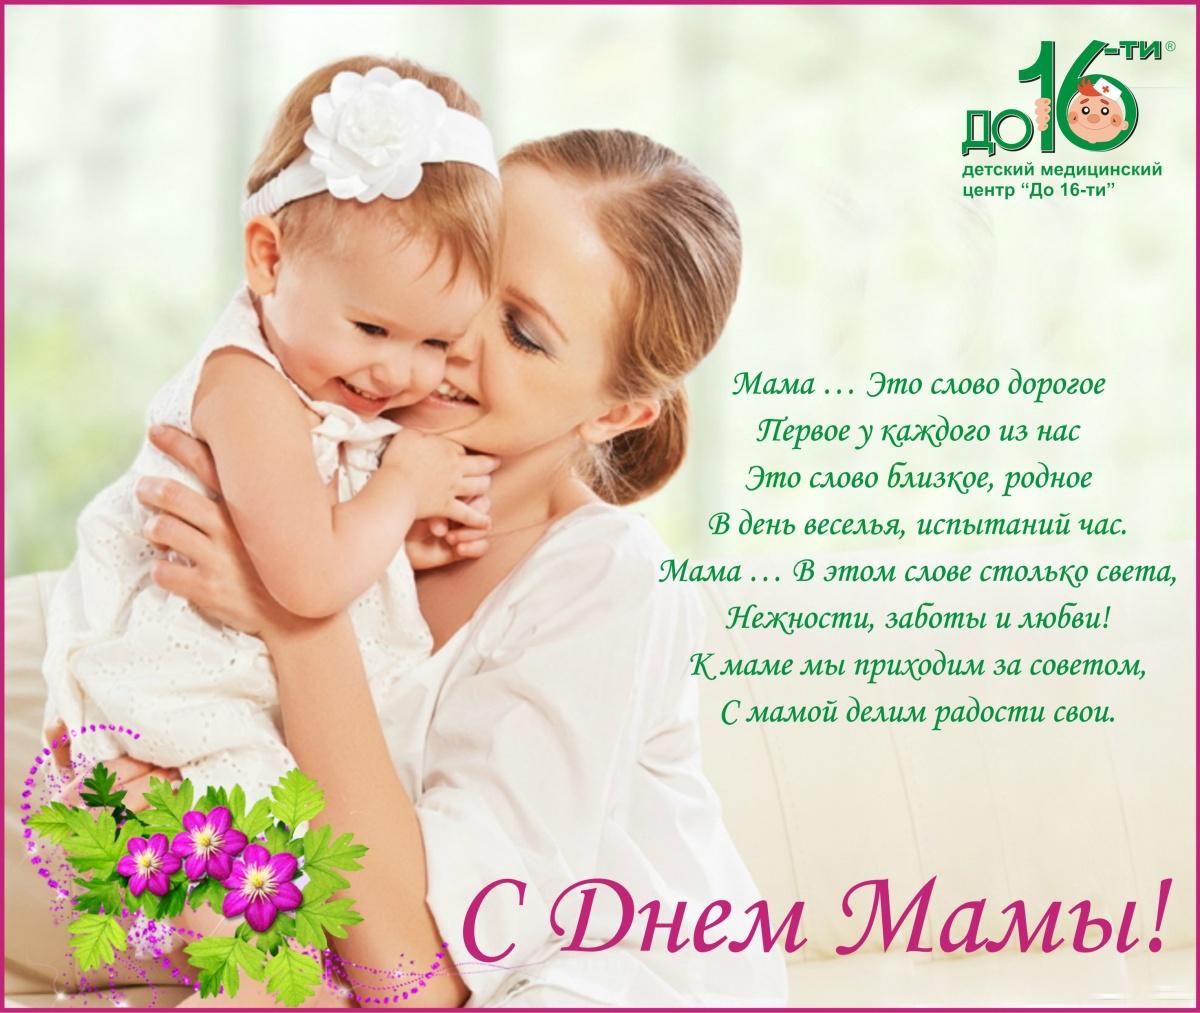 Поздравление подруге молодой матери